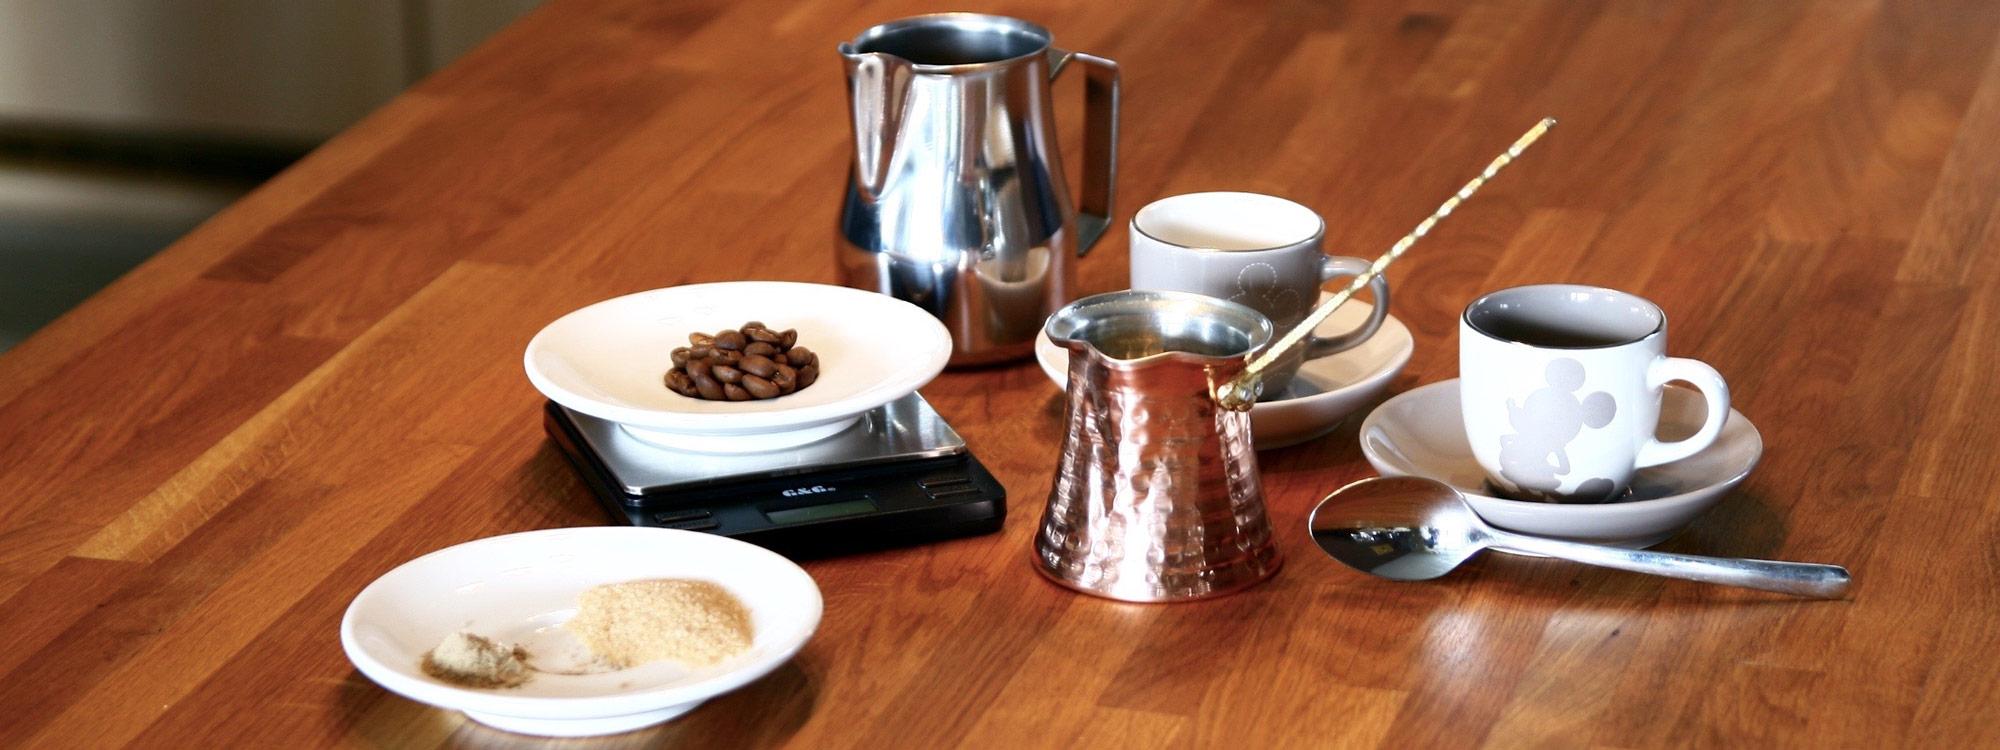 Turkish Coffee How To